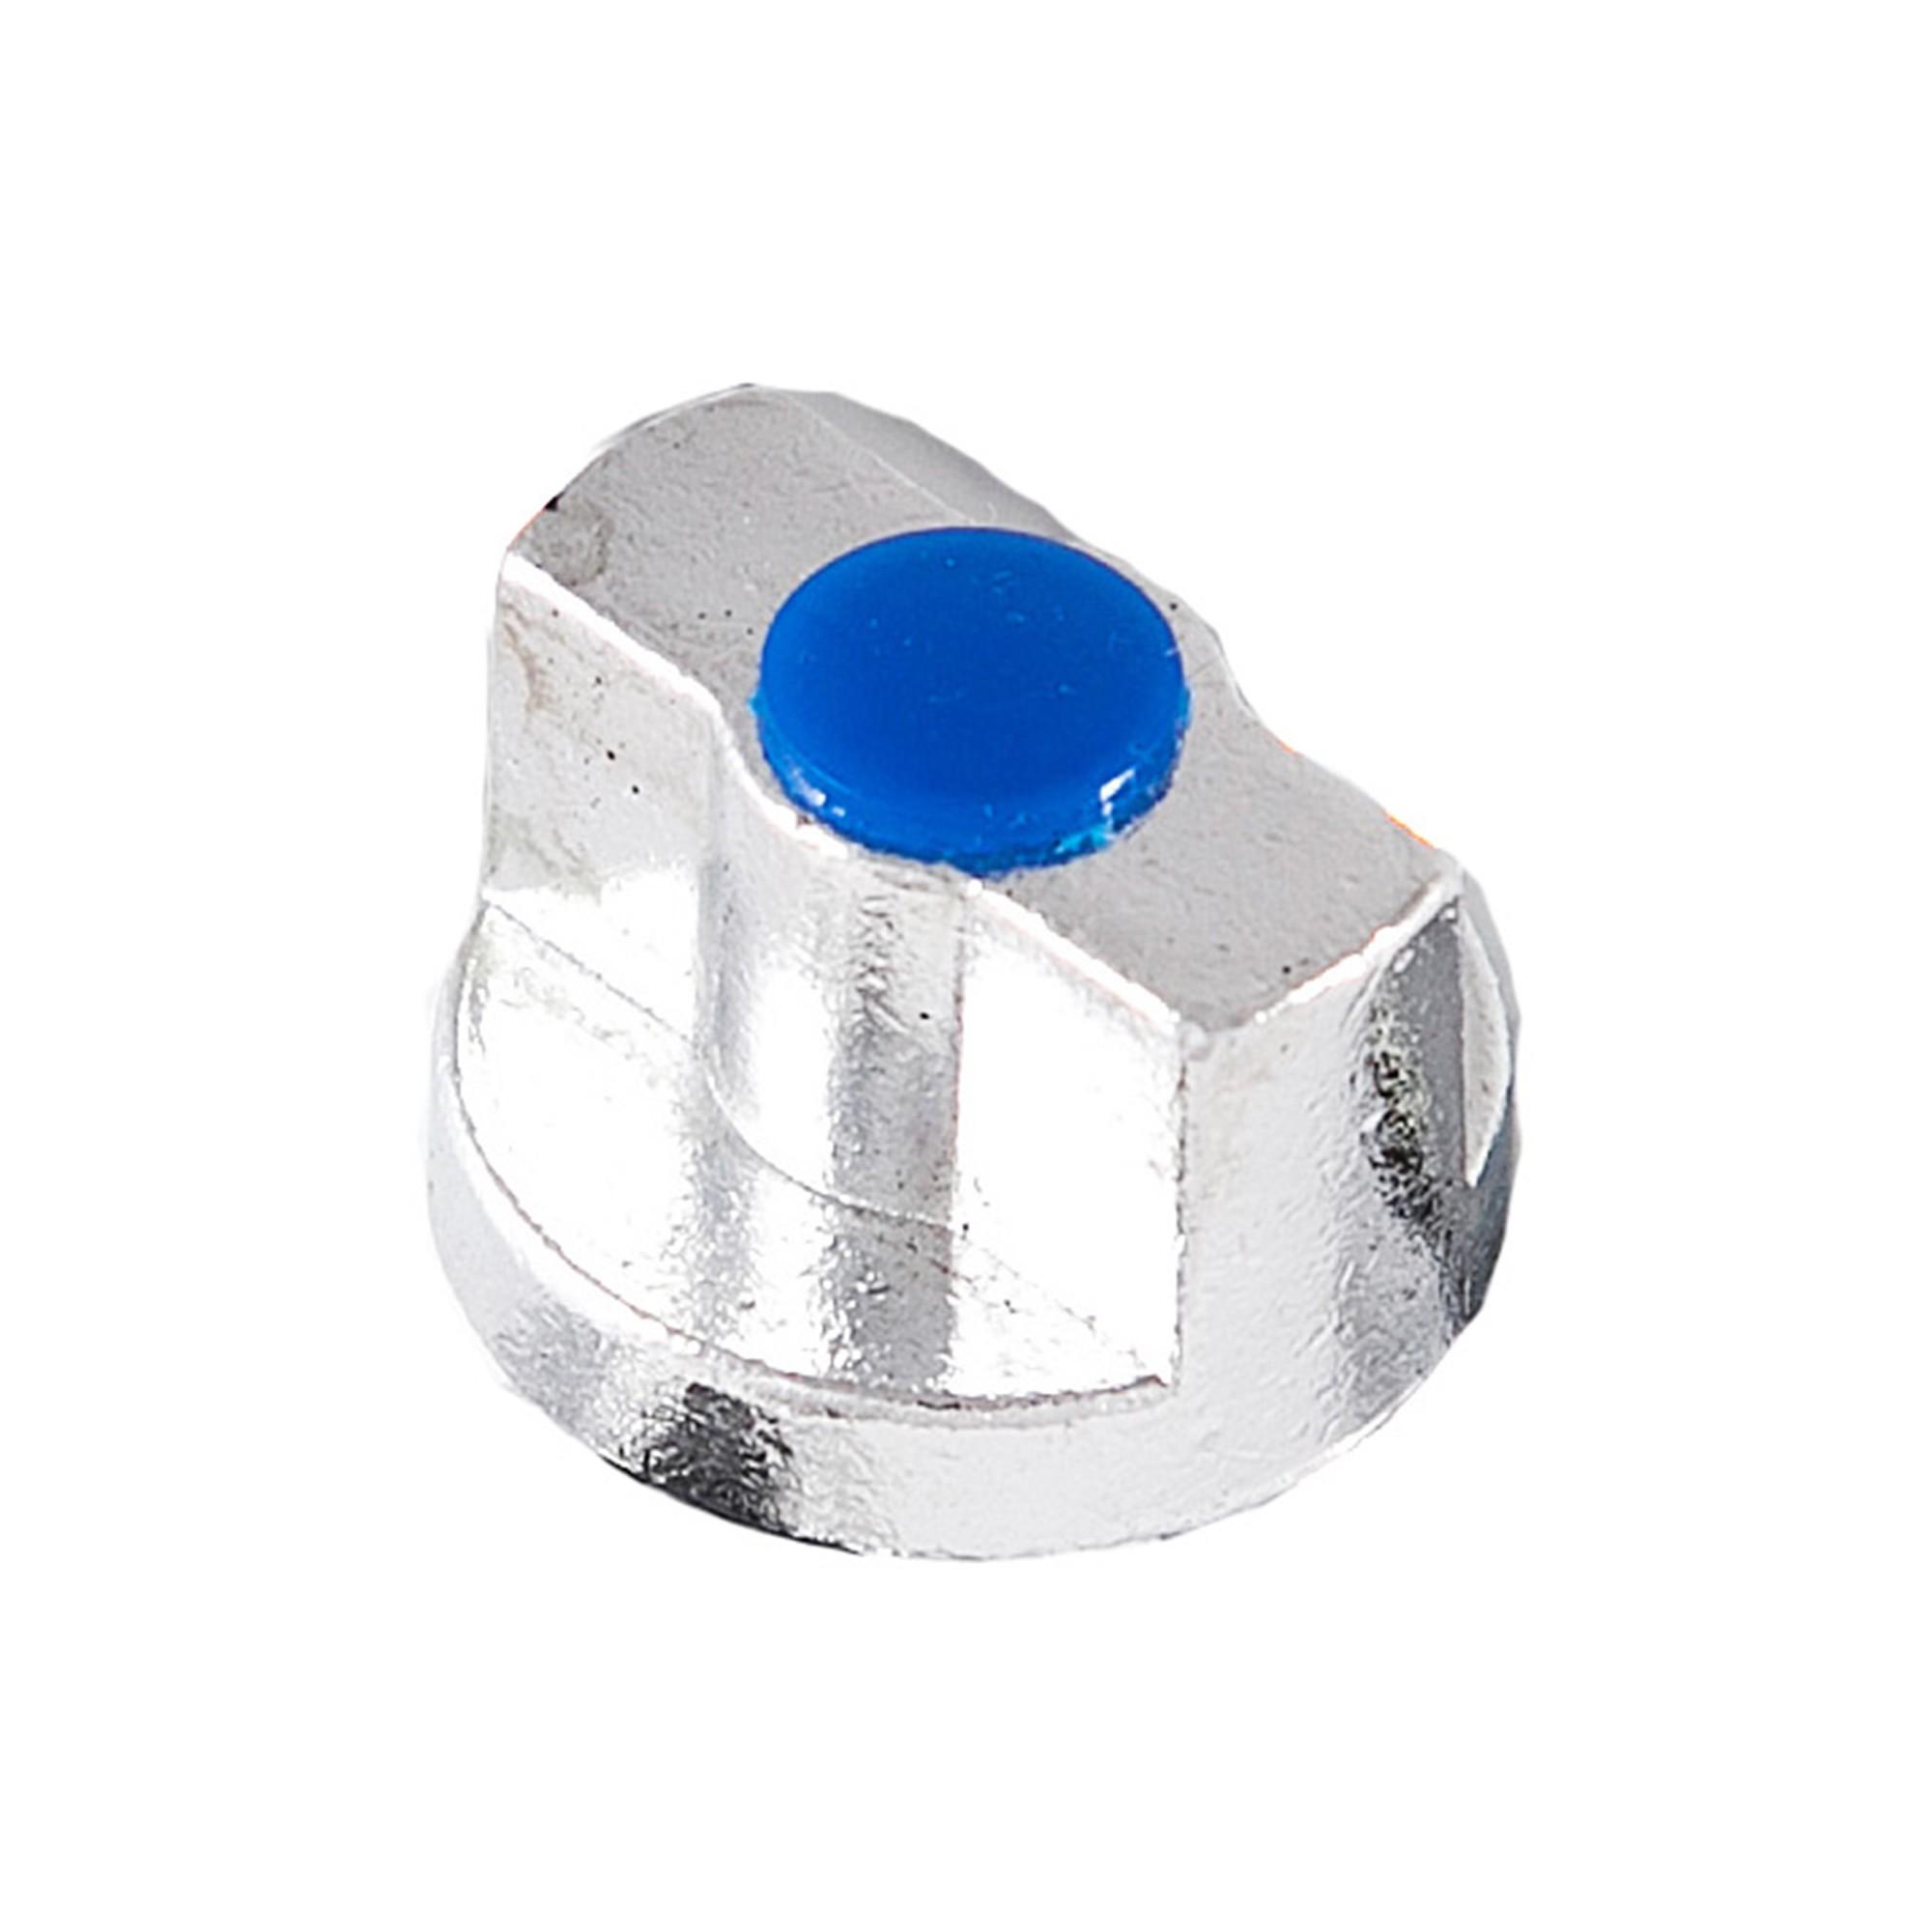 Ручка на кран для стираной машинки ANGO 260 (проходной кран) метал ANGO